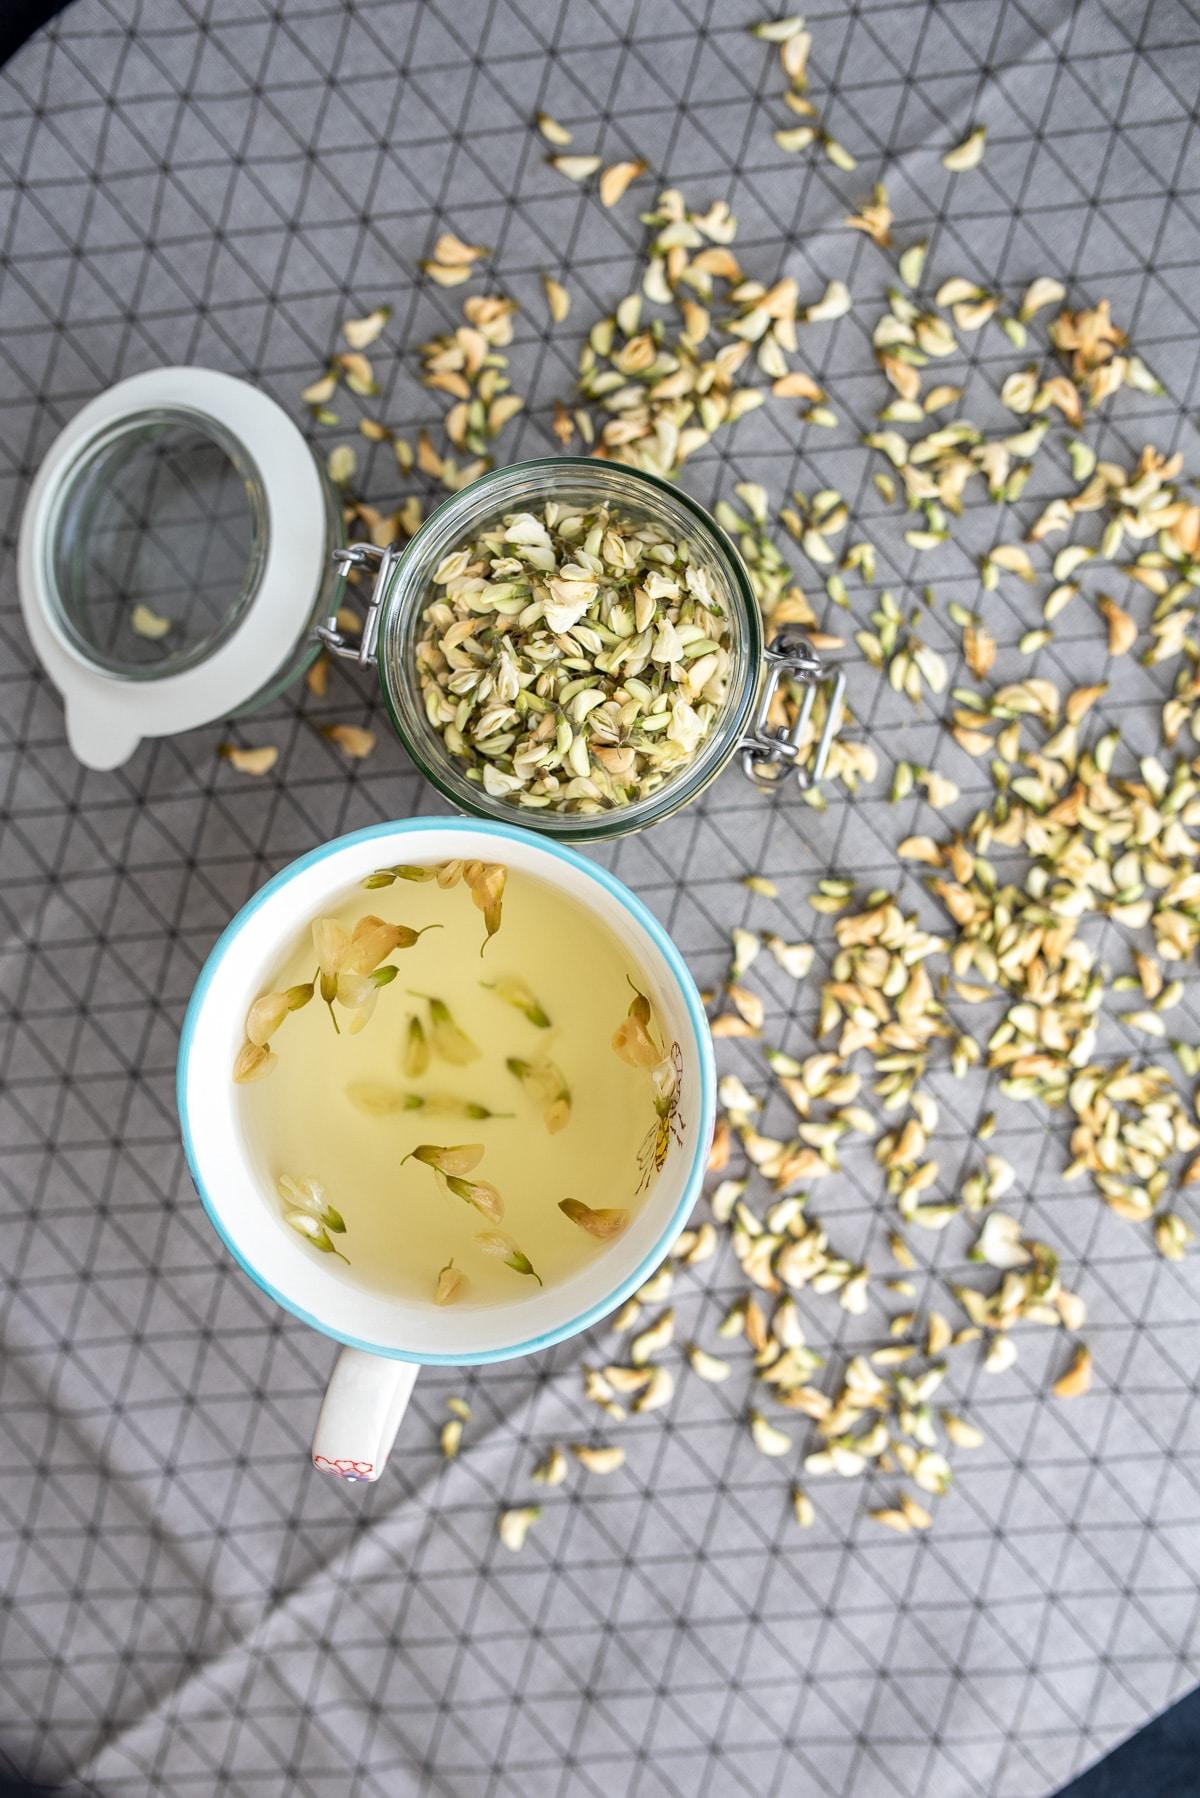 herbata zaparzona w kubku w tle rozsypana suszone kwiaty akacji